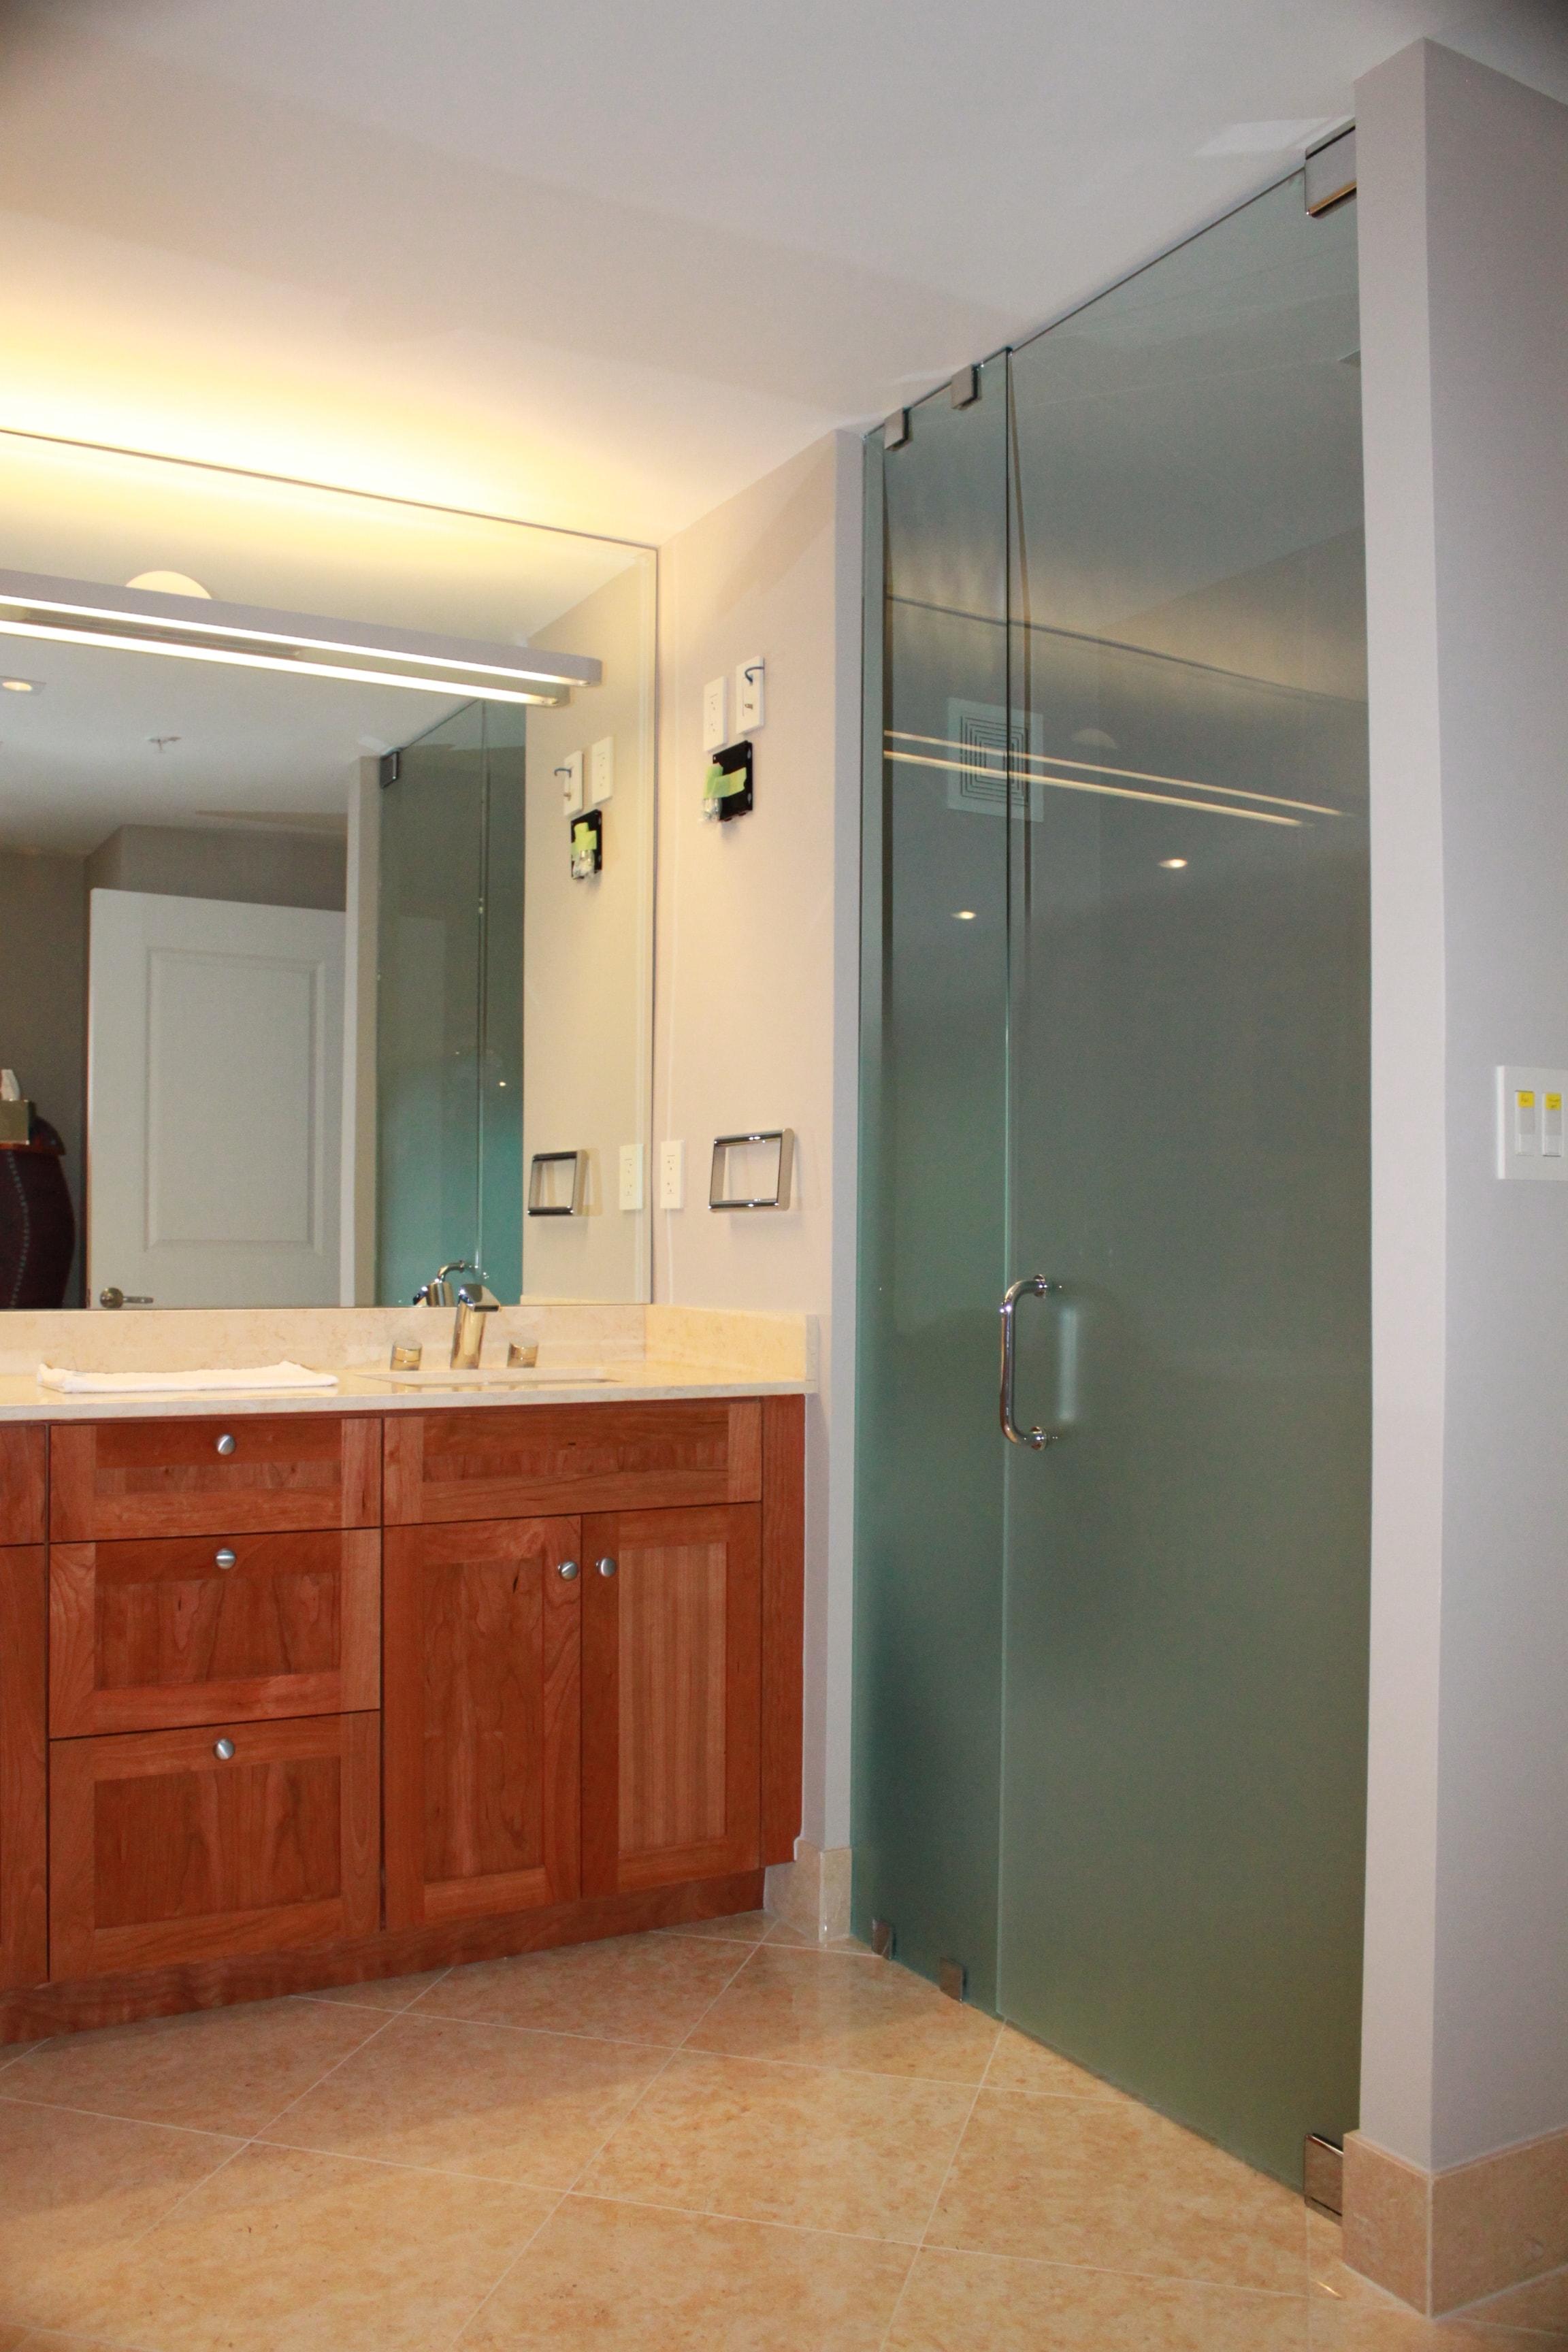 Toilet Room Doors - Site Const.-min